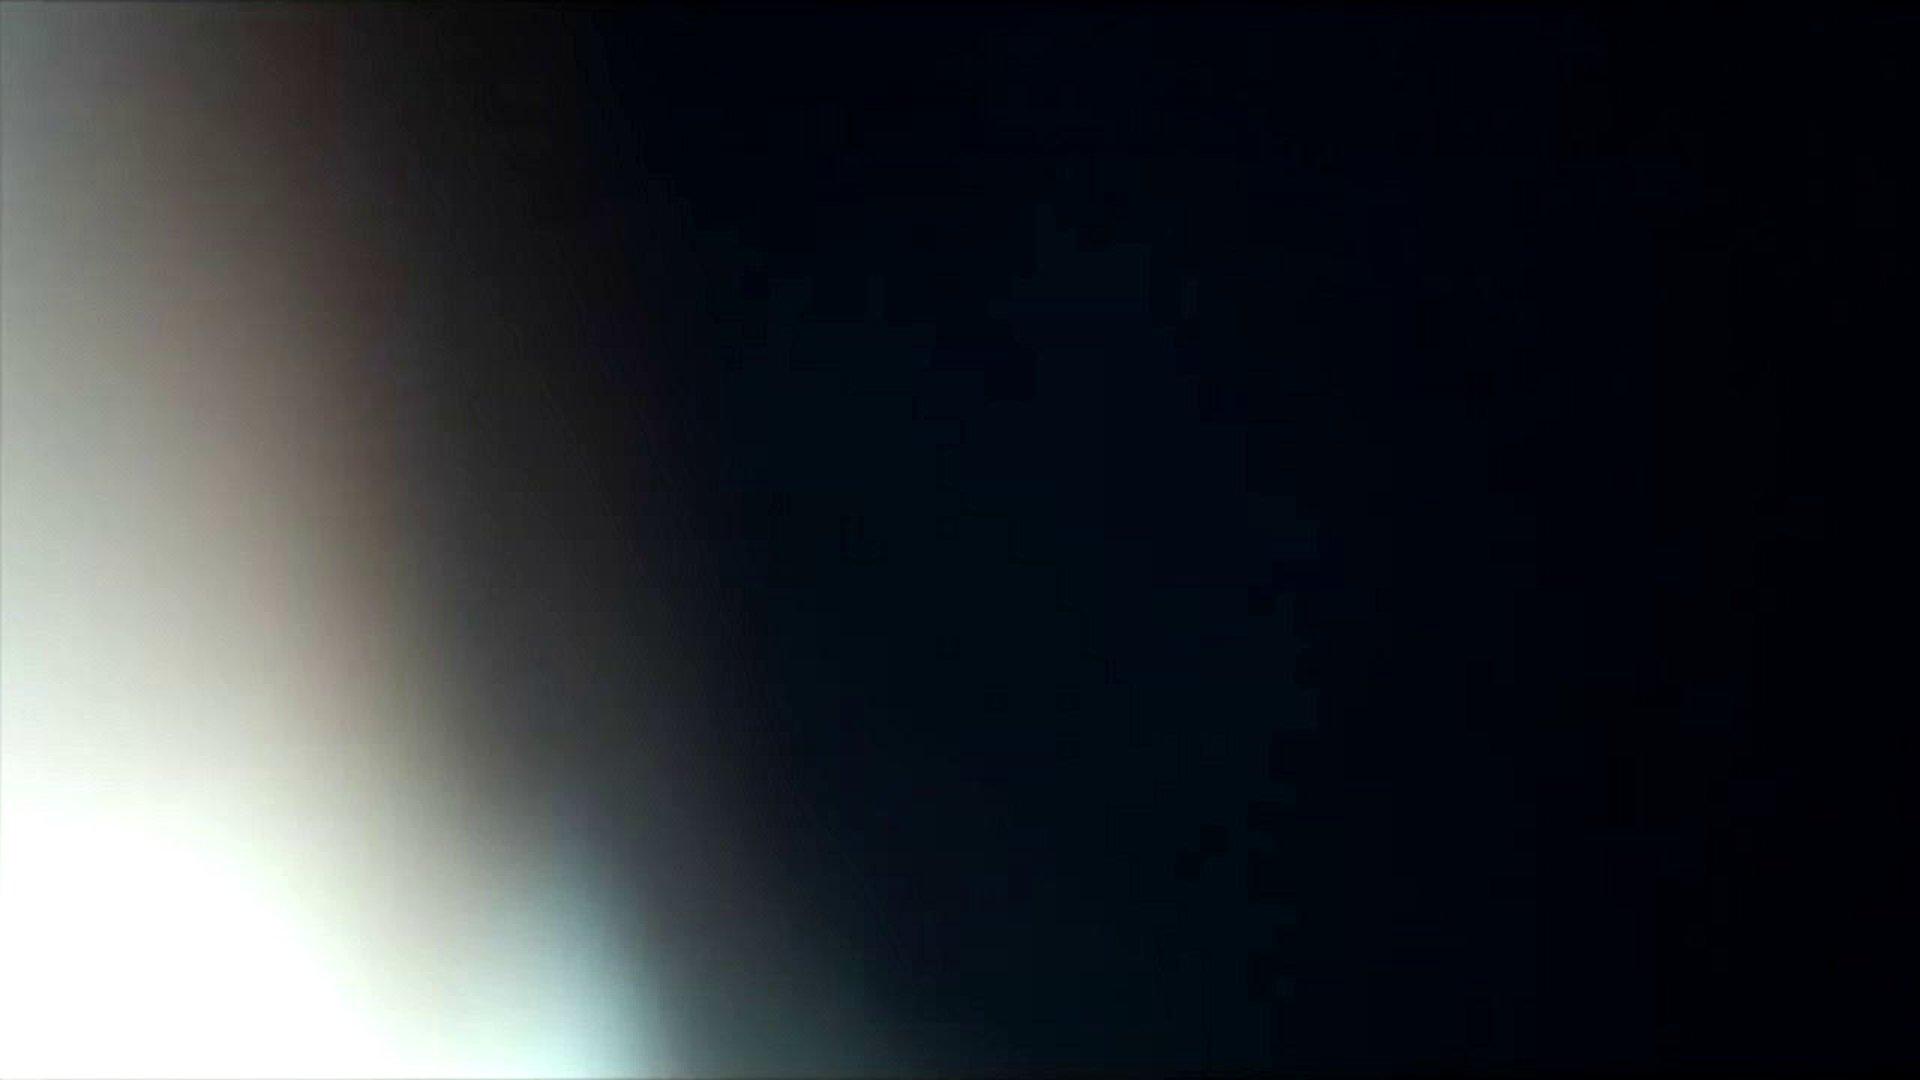 vol.14 【Yuiちゃん】ペットトリマー20歳 彼女にしたい パンチラ AV無料 74画像 11